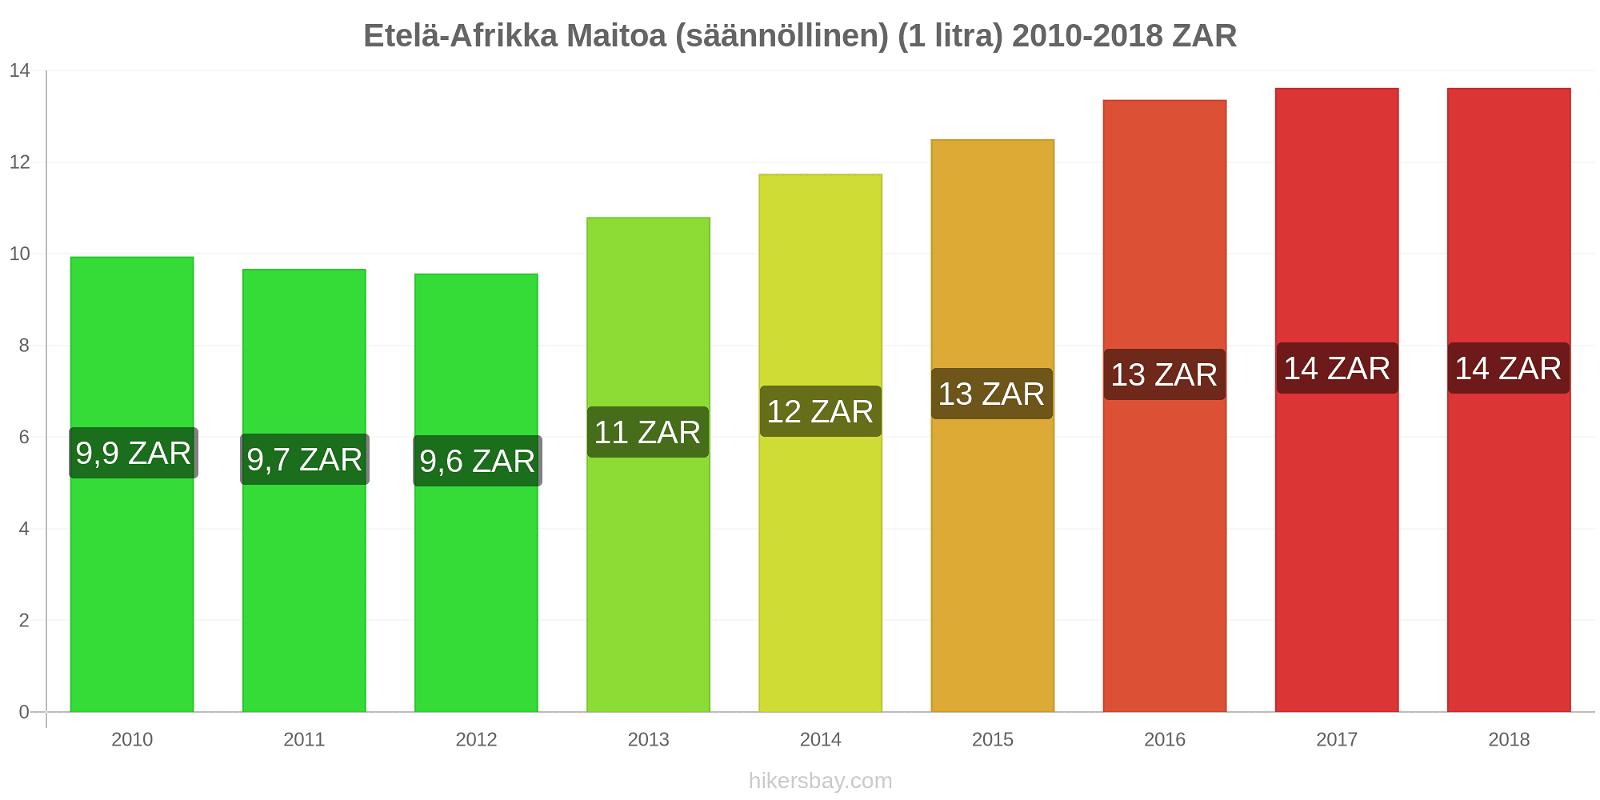 Etelä-Afrikka hintojen muutokset Maitoa (säännöllinen) (1 litra) hikersbay.com